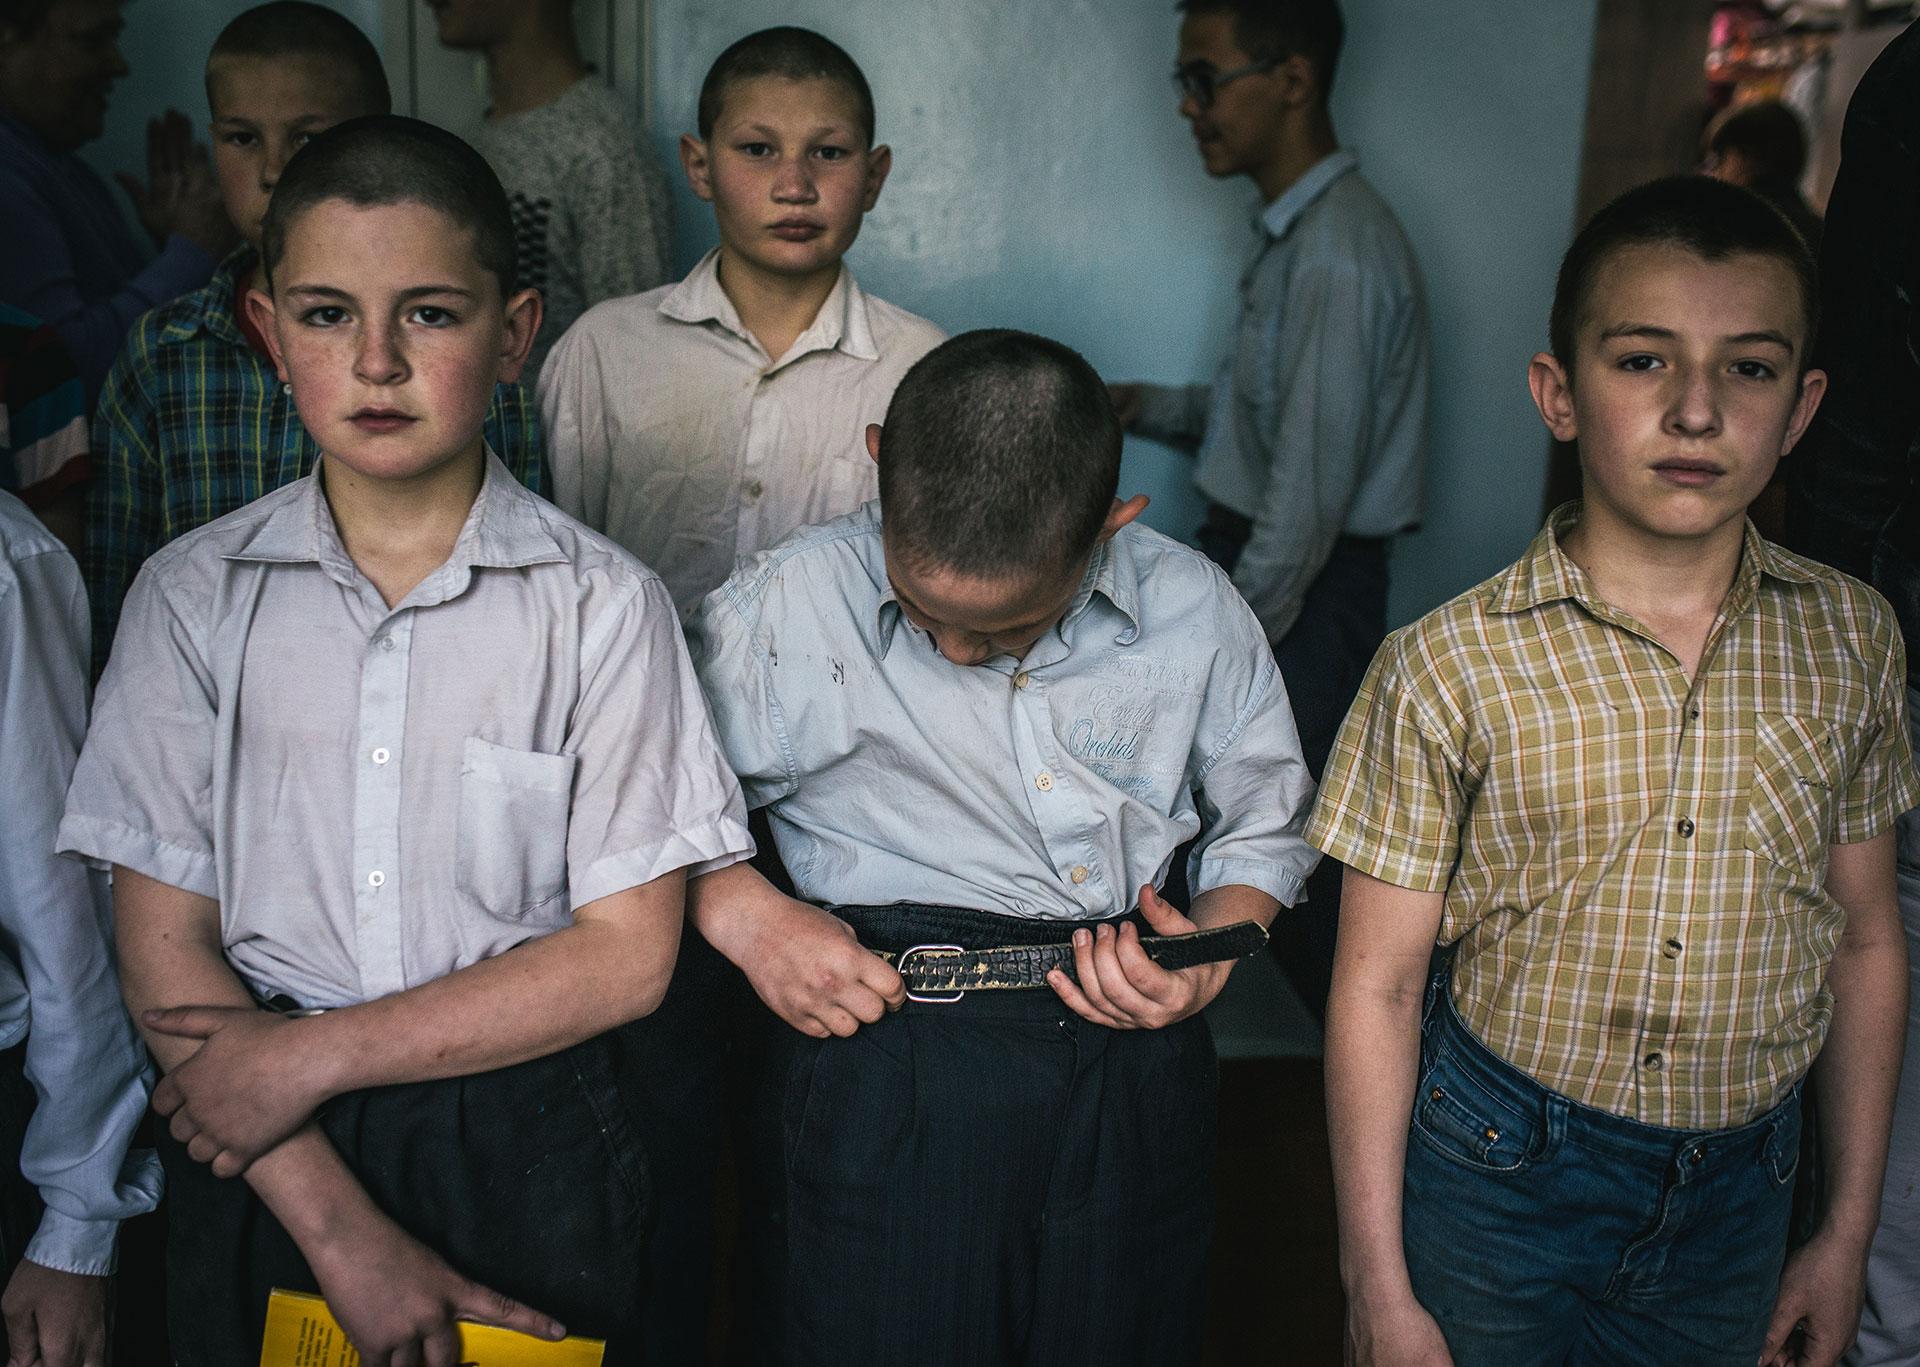 Tres veces al día los niños se reúnen en el pasillo de la escuela para pasar la lista.